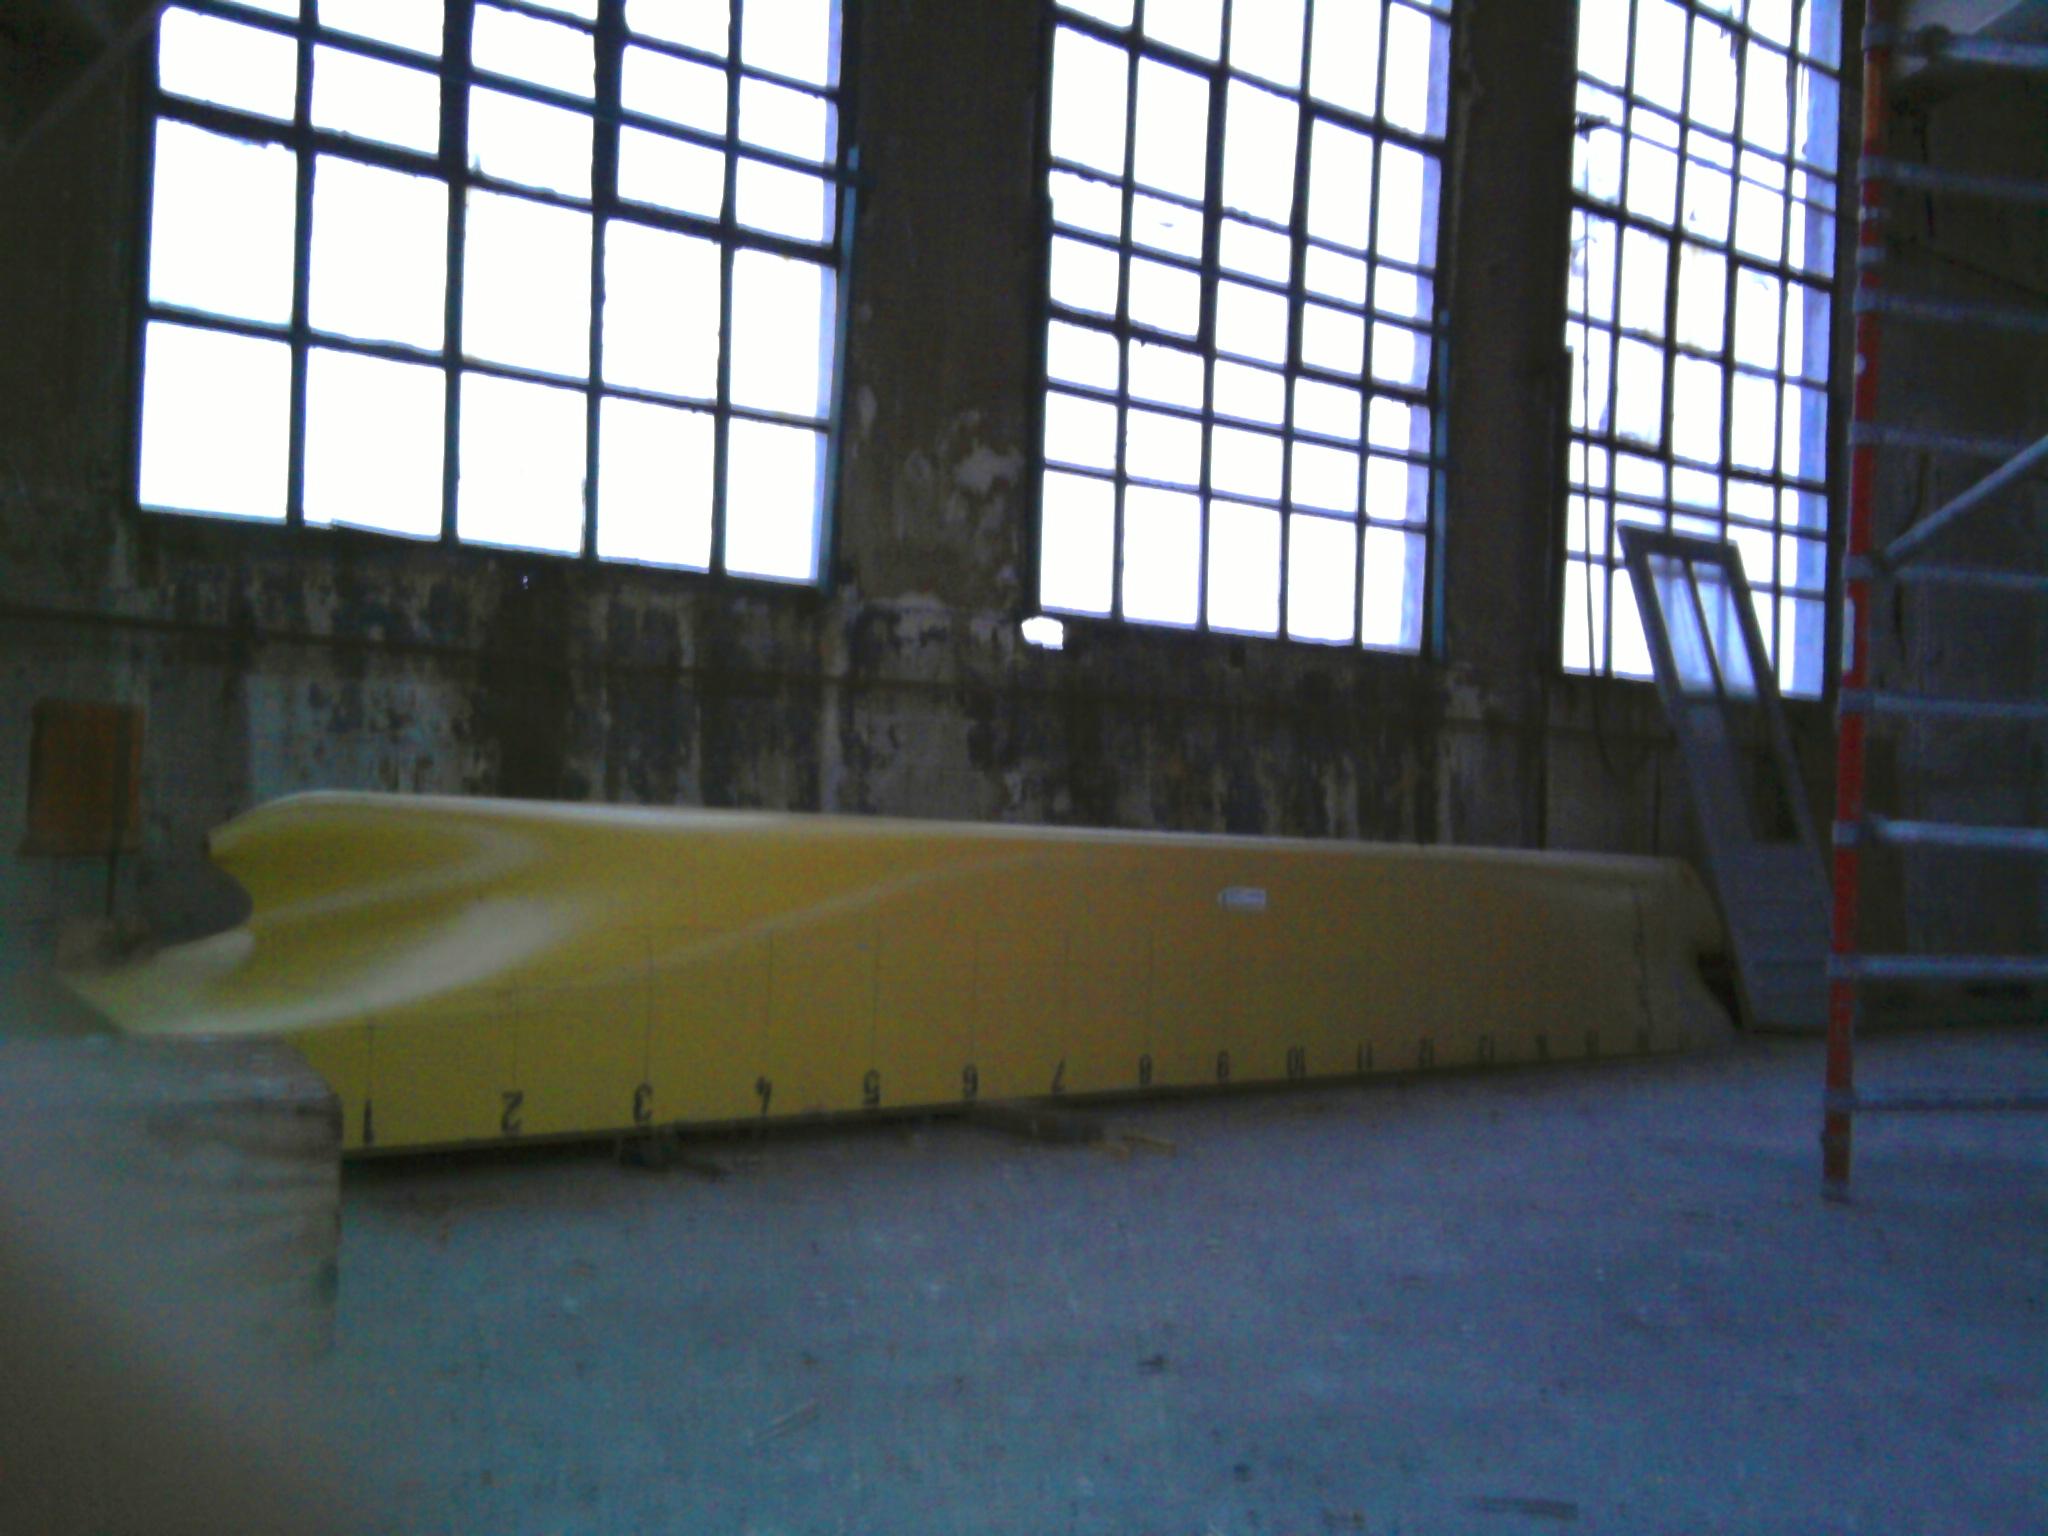 Tewaterlatingsmodel veerboot PSD